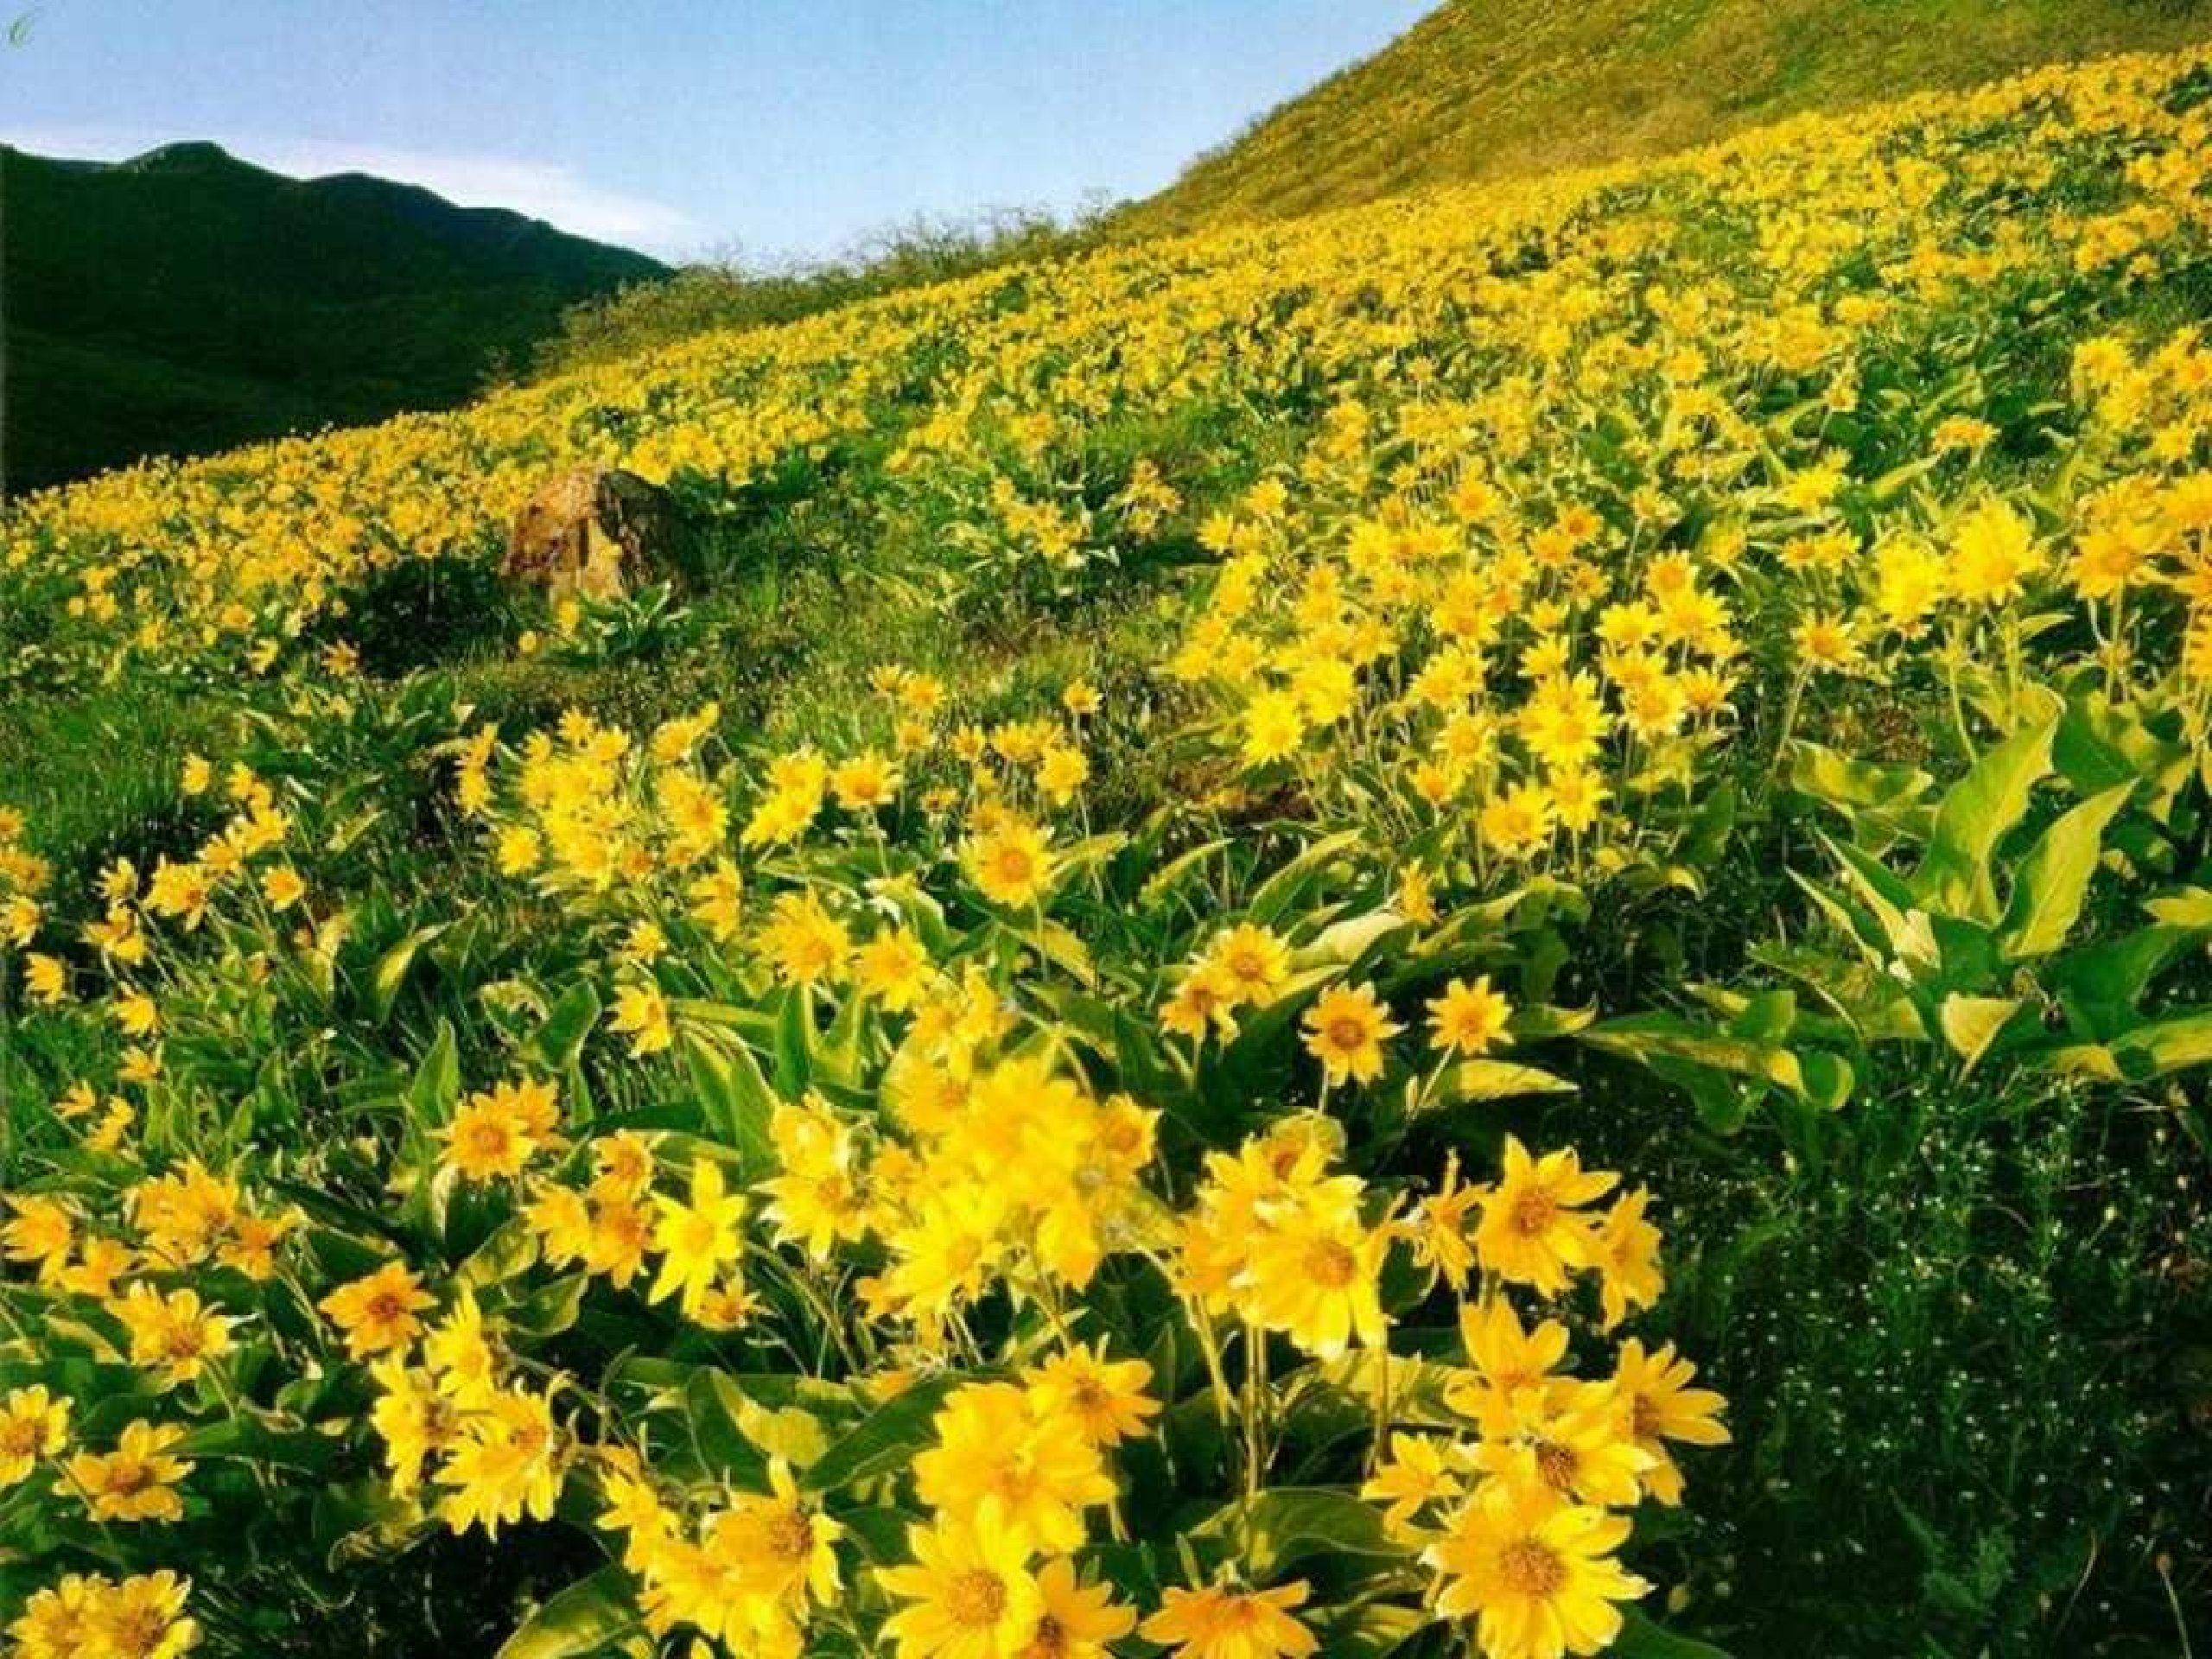 przyroda-kwiaty-2560-1920-2858.jpg